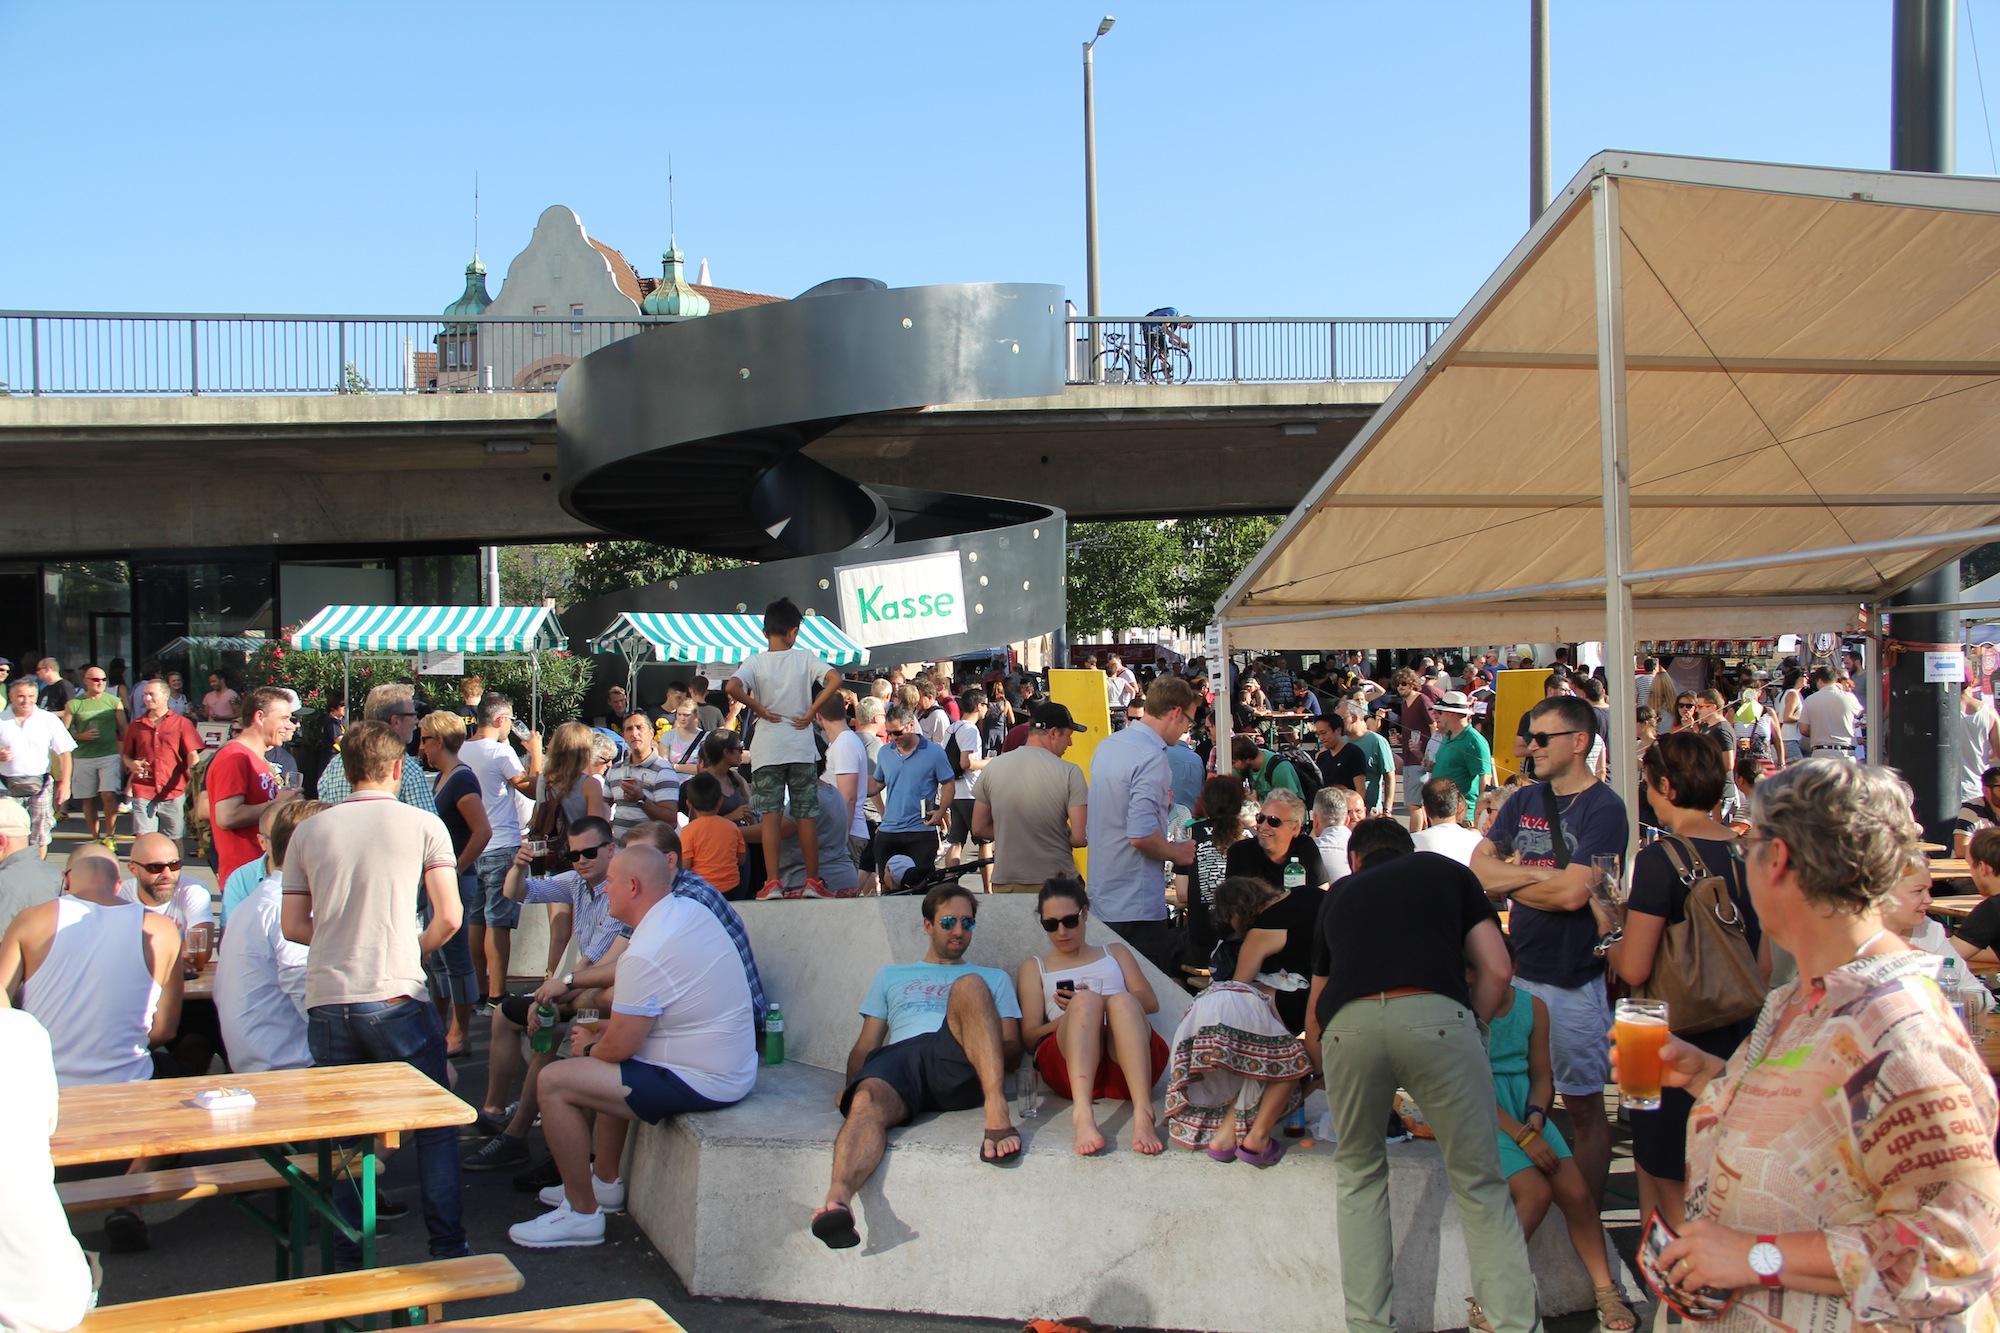 Ausgelassene Stimmung beim St. Johanns-Bahnhof: Der Vogesenplatz war in der sommerlichen Hitze gut besucht.